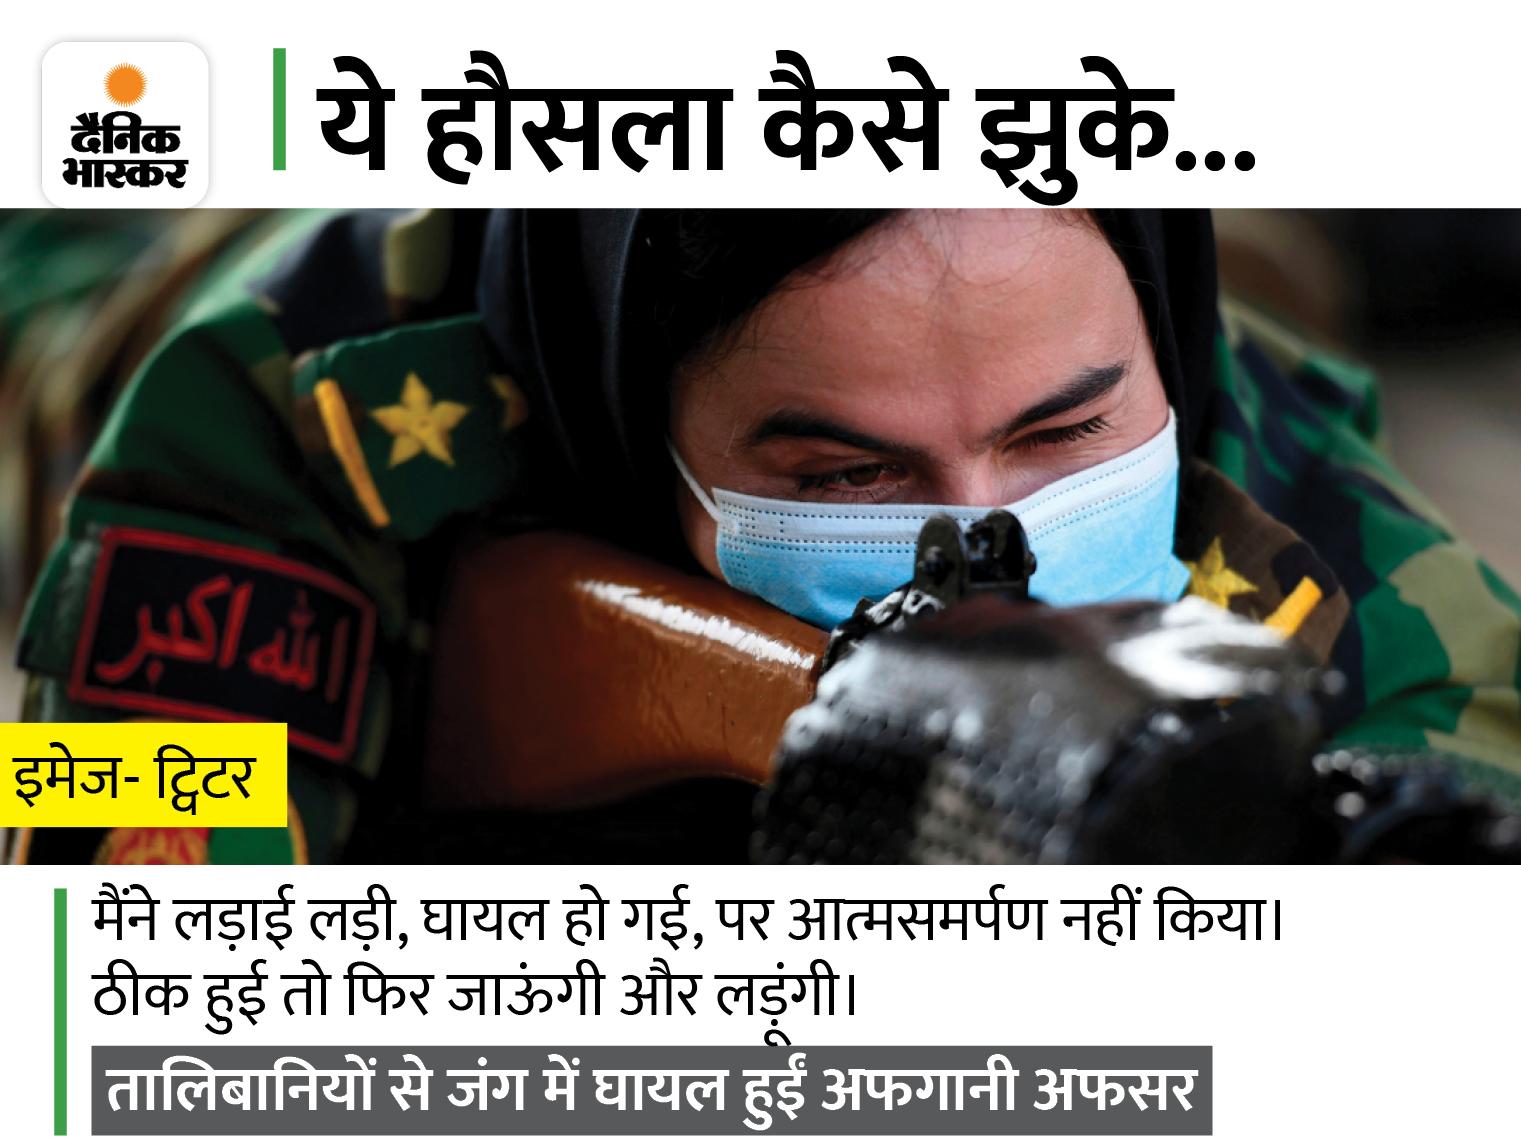 तालिबानी गोली से घायल महिला अफसर बोली- मैं फिर लड़ूंगी, पहली मेयर ने कहा- इंतजार है, वो आएं और कत्ल कर दें|विदेश,International - Dainik Bhaskar